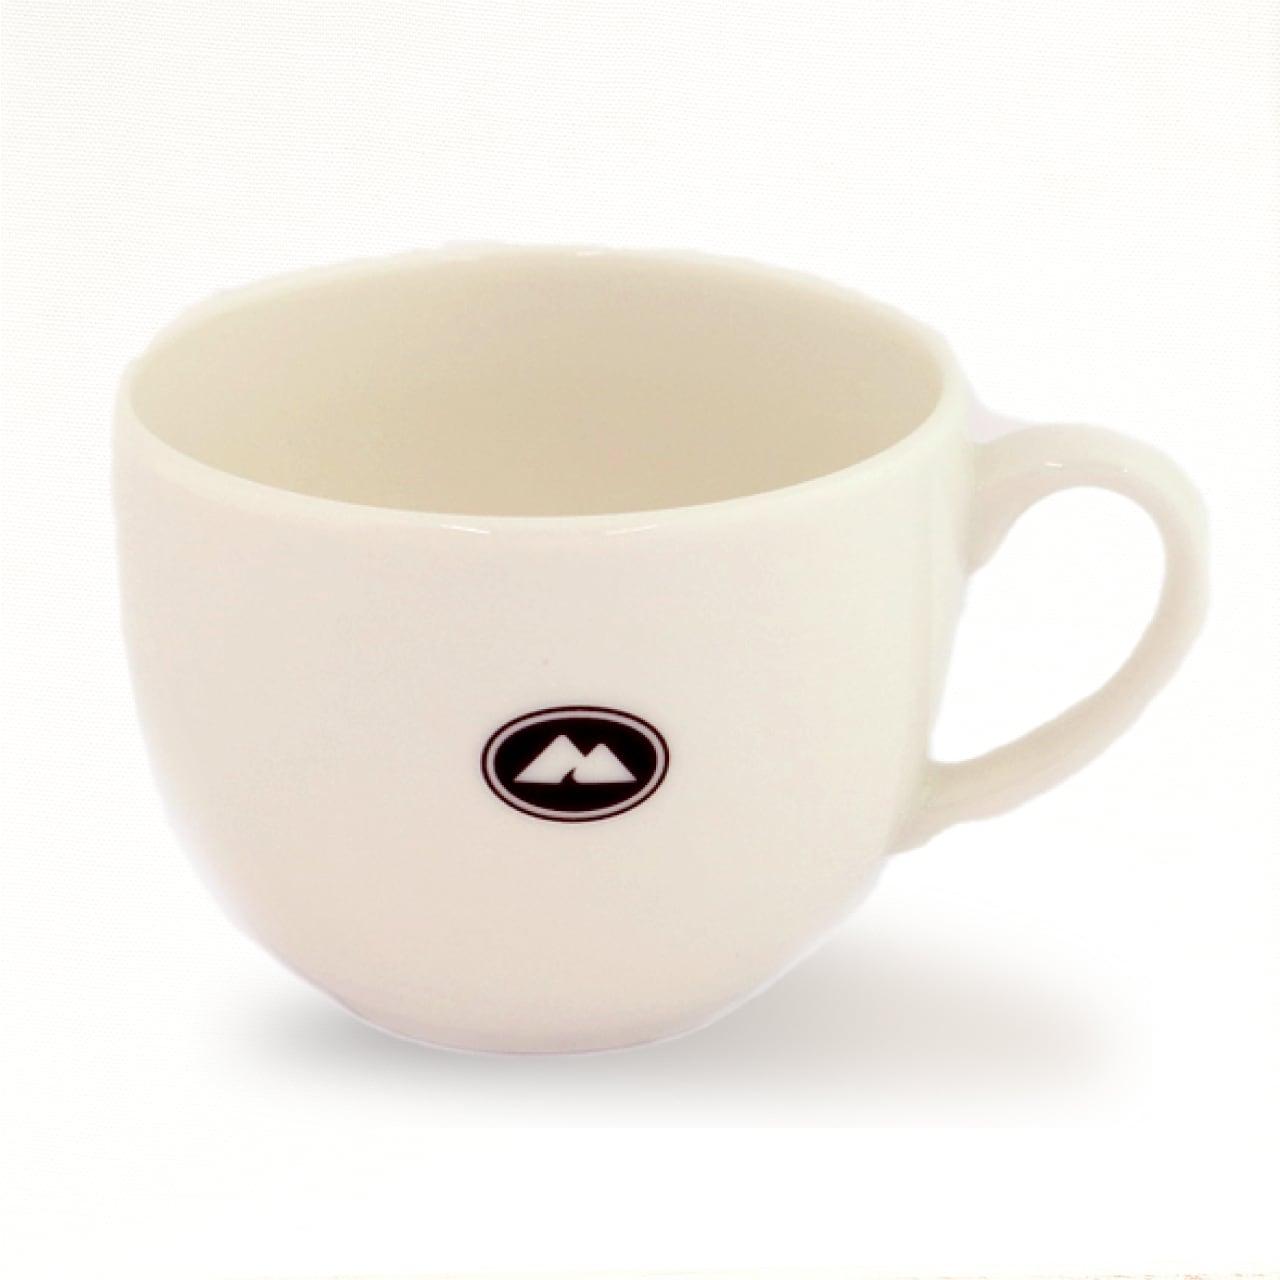 ミヤマ珈琲 BIGブレンドカップ